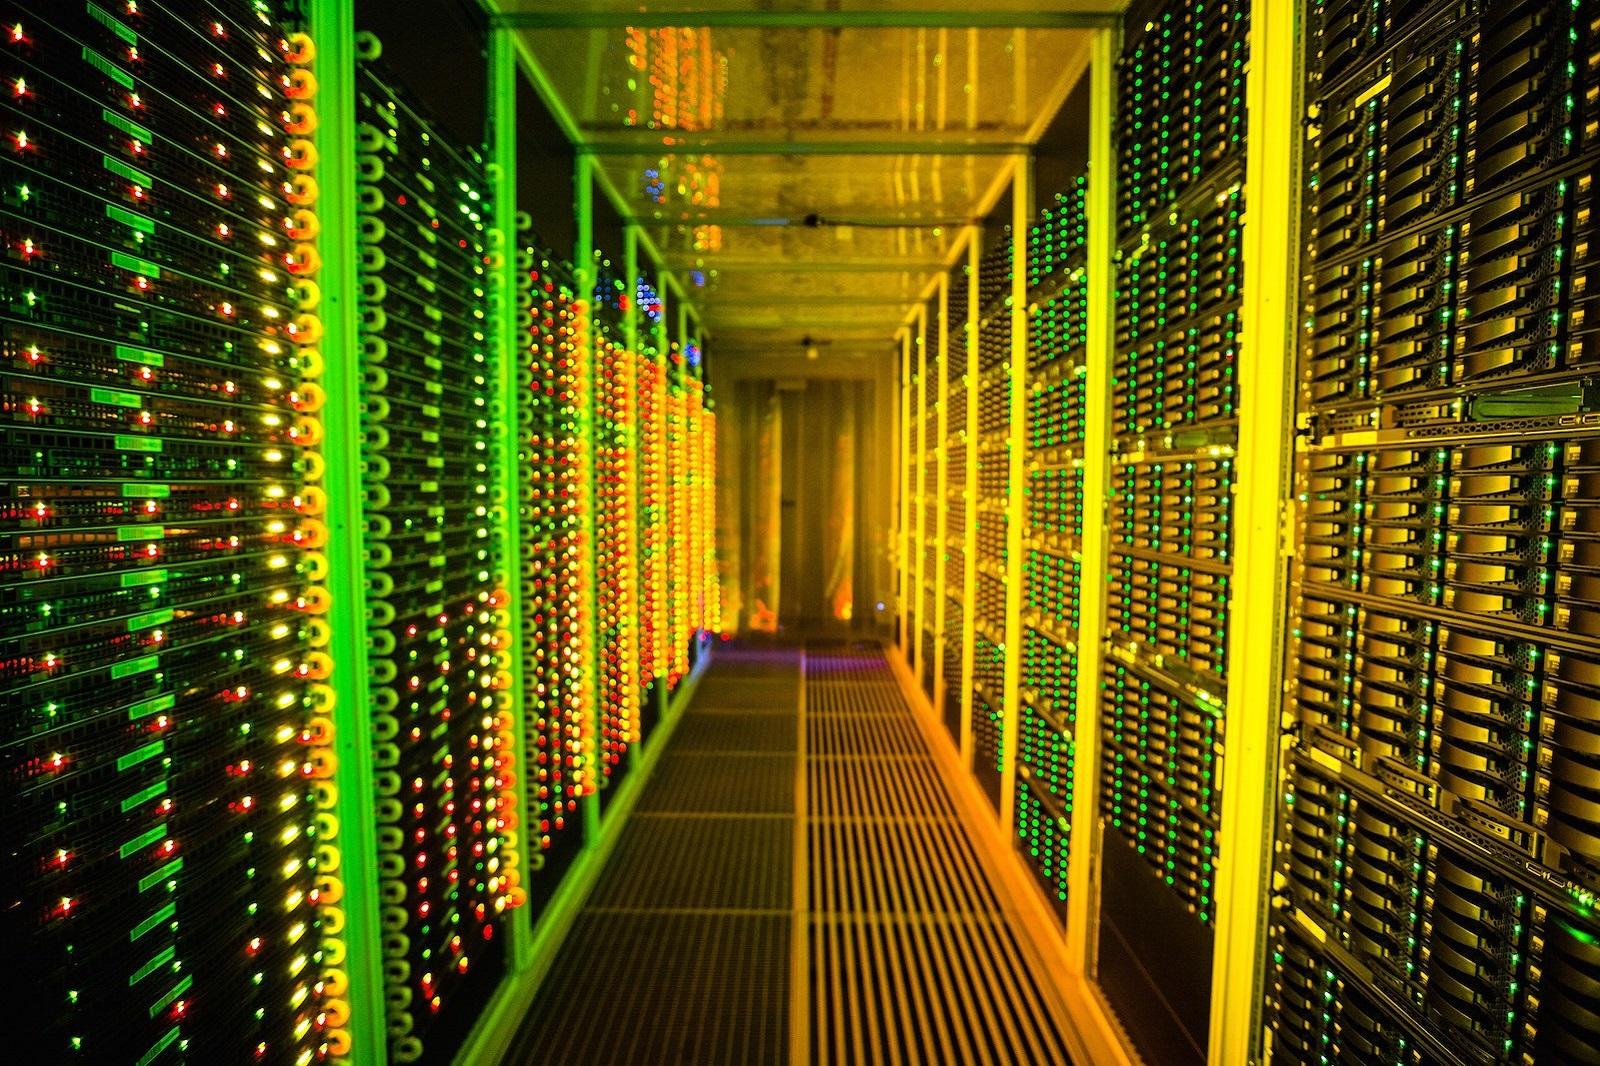 Системы хранения данных: мобильность данных и гипермасштабируемая архитектура